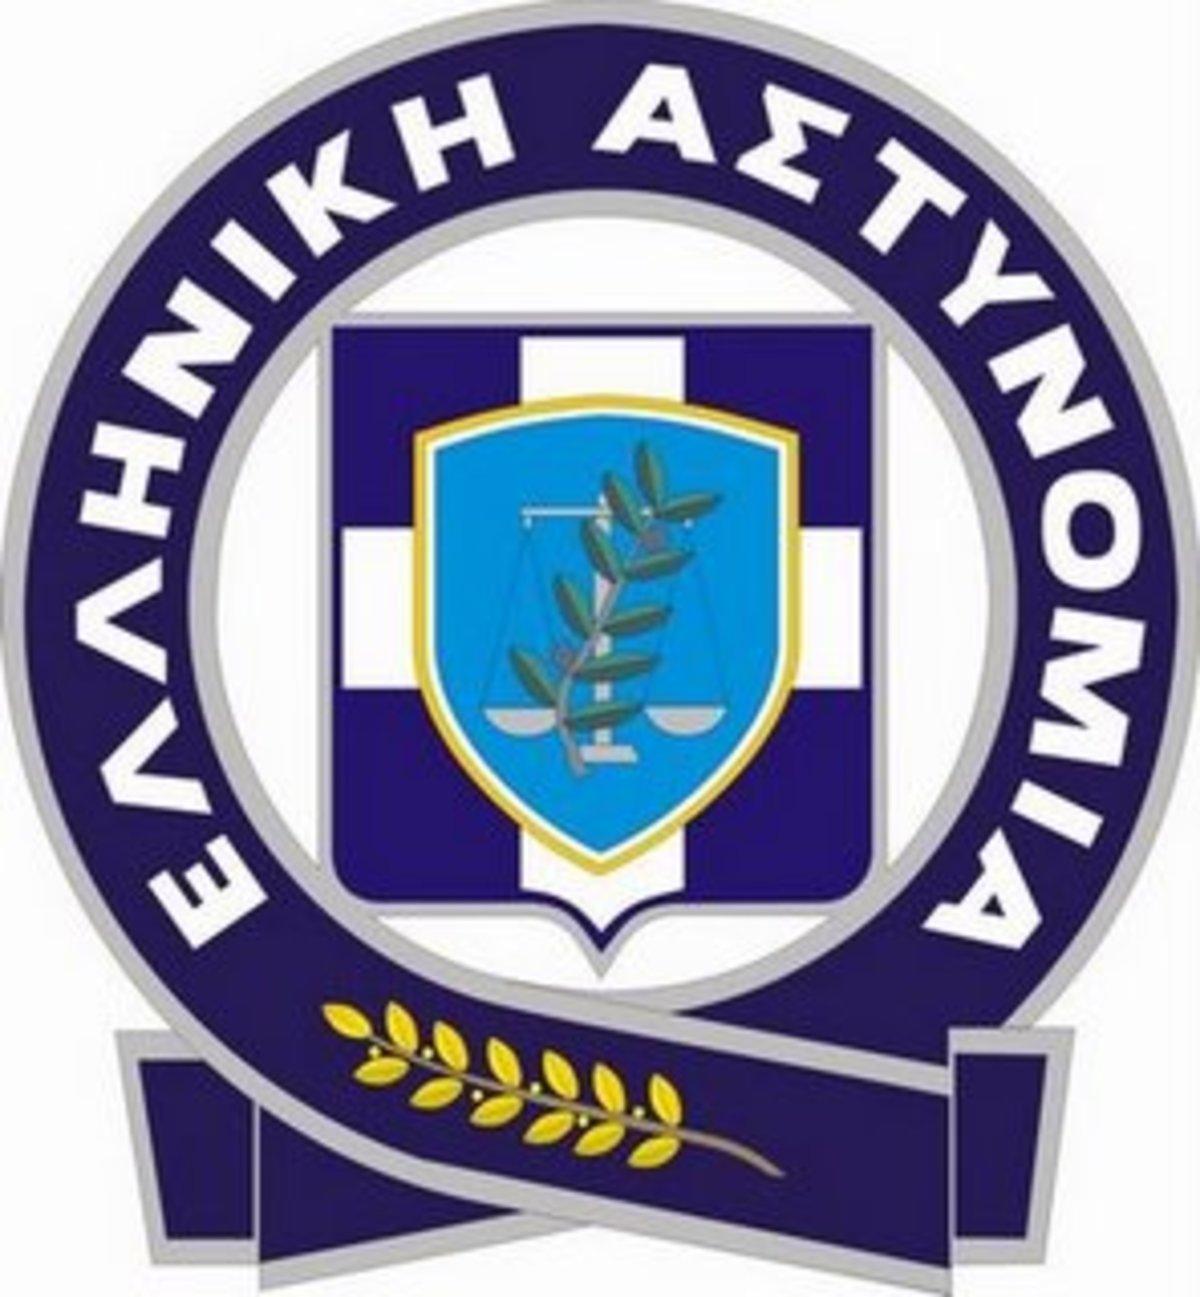 Στην τελική ευθεία οι κρίσεις στην ΕΛ.ΑΣ. | Newsit.gr